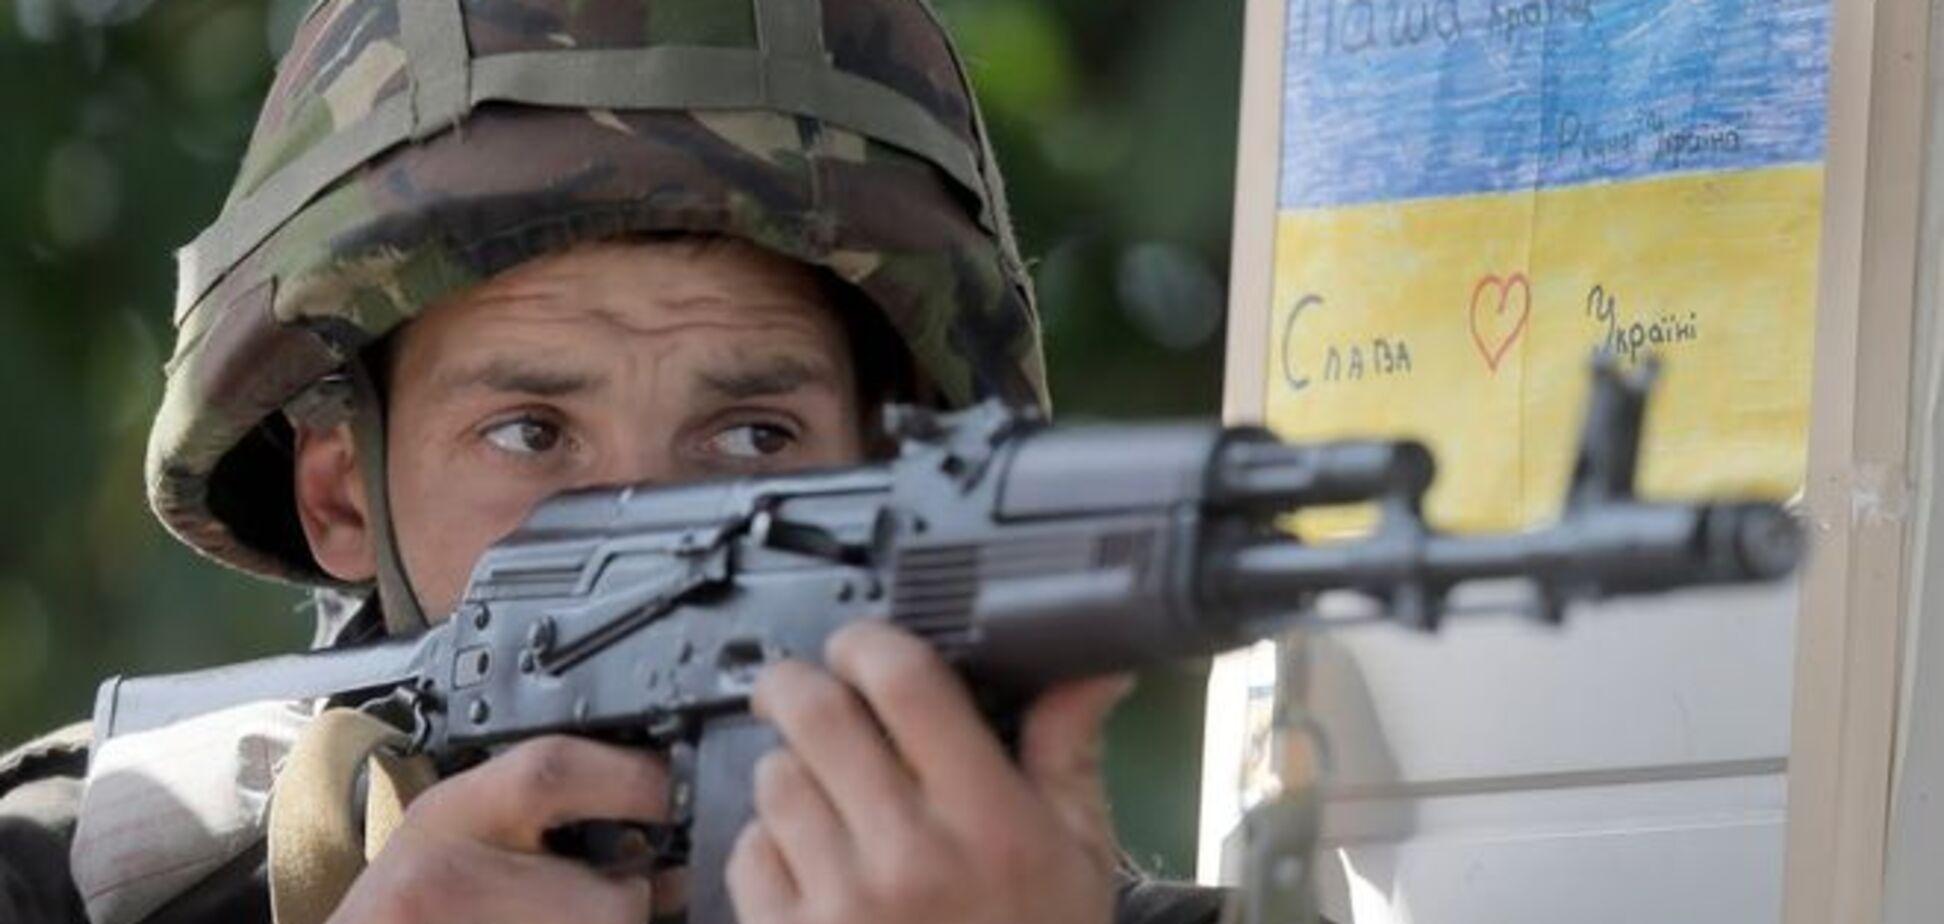 Сводка по АТО: гибель украинских военных и полеты вражеских беспилотников